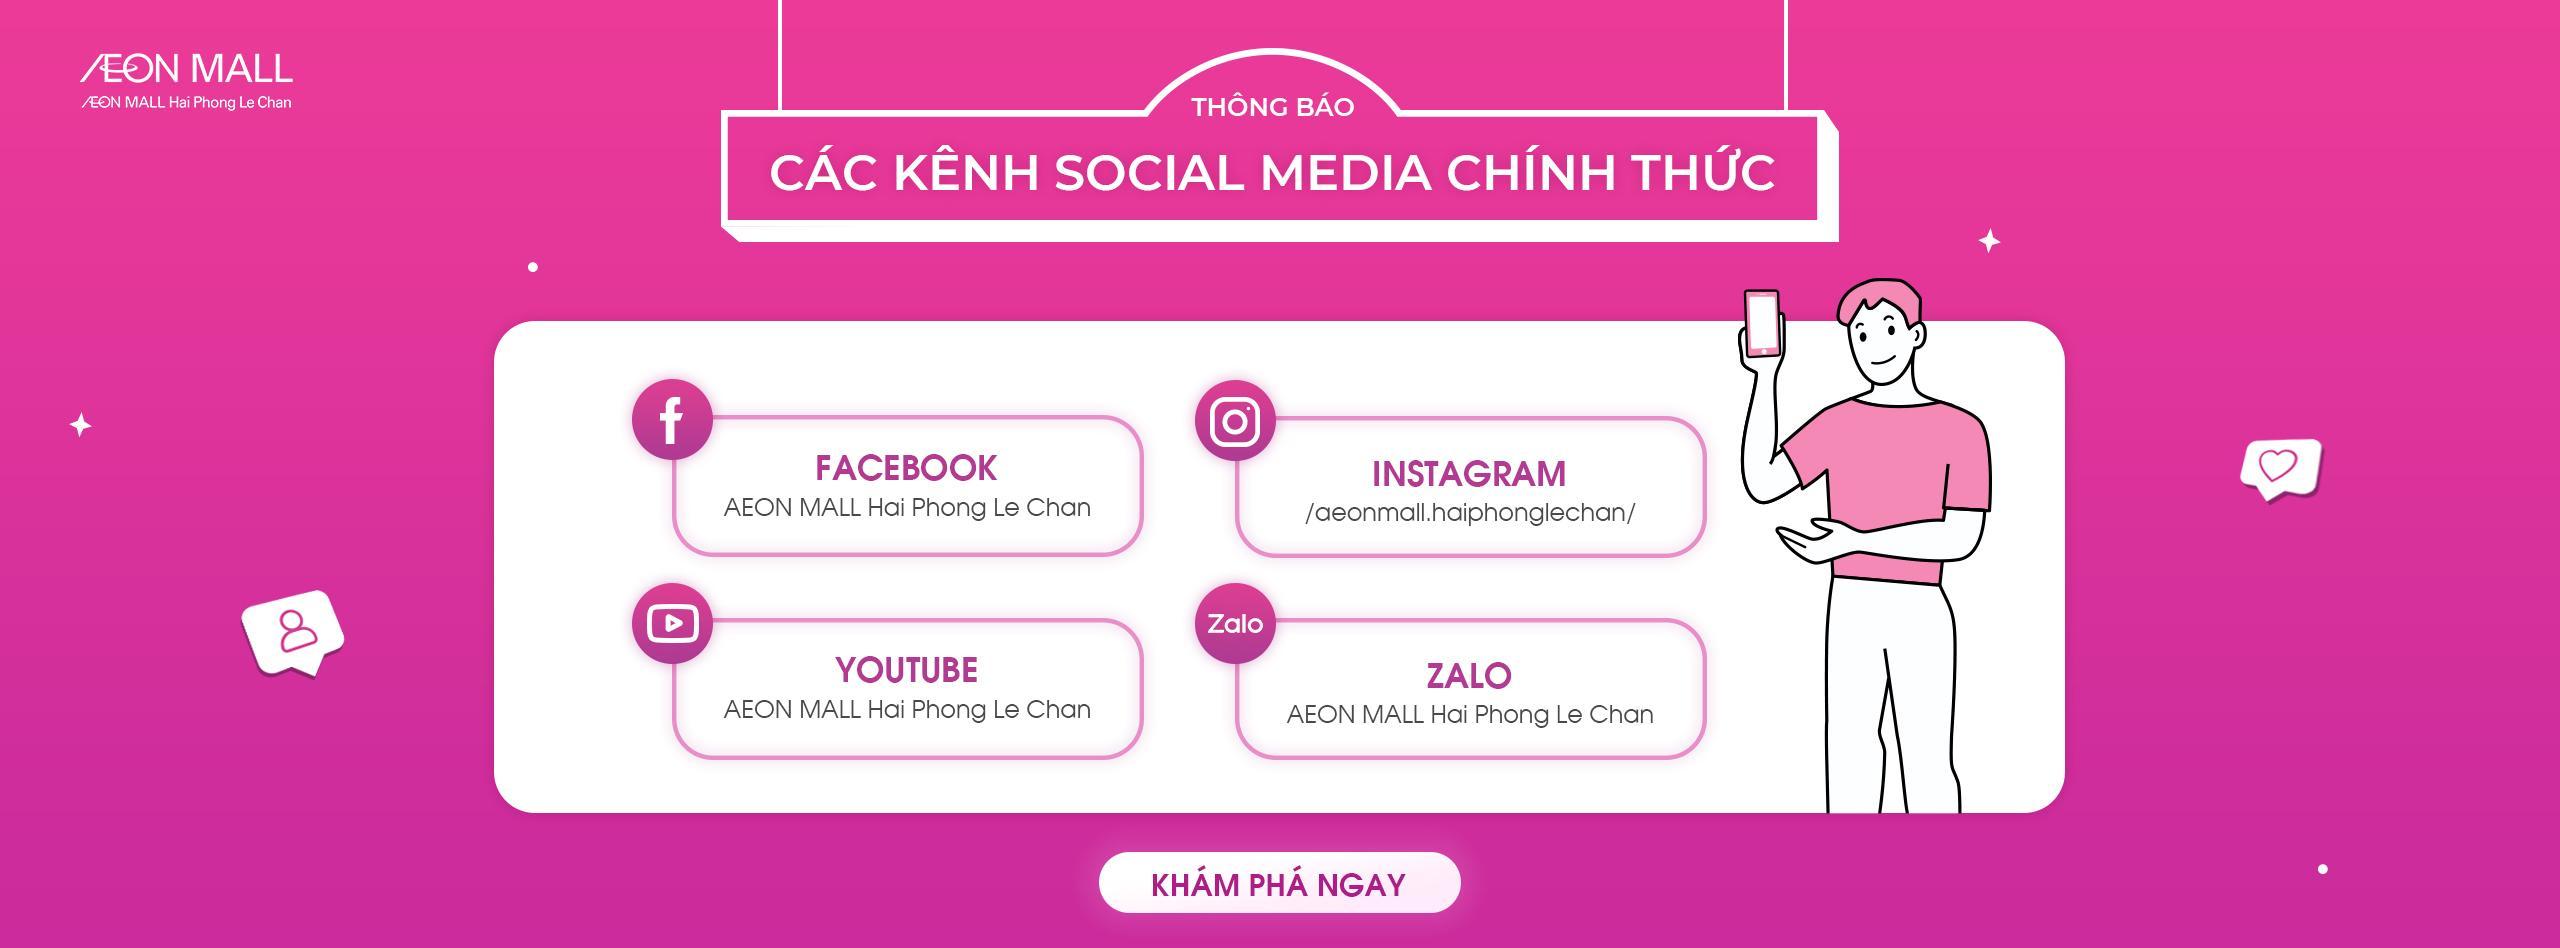 Thông báo các kênh mạng xã hội chính thức - AEON MALL Hải Phòng Lê Chân